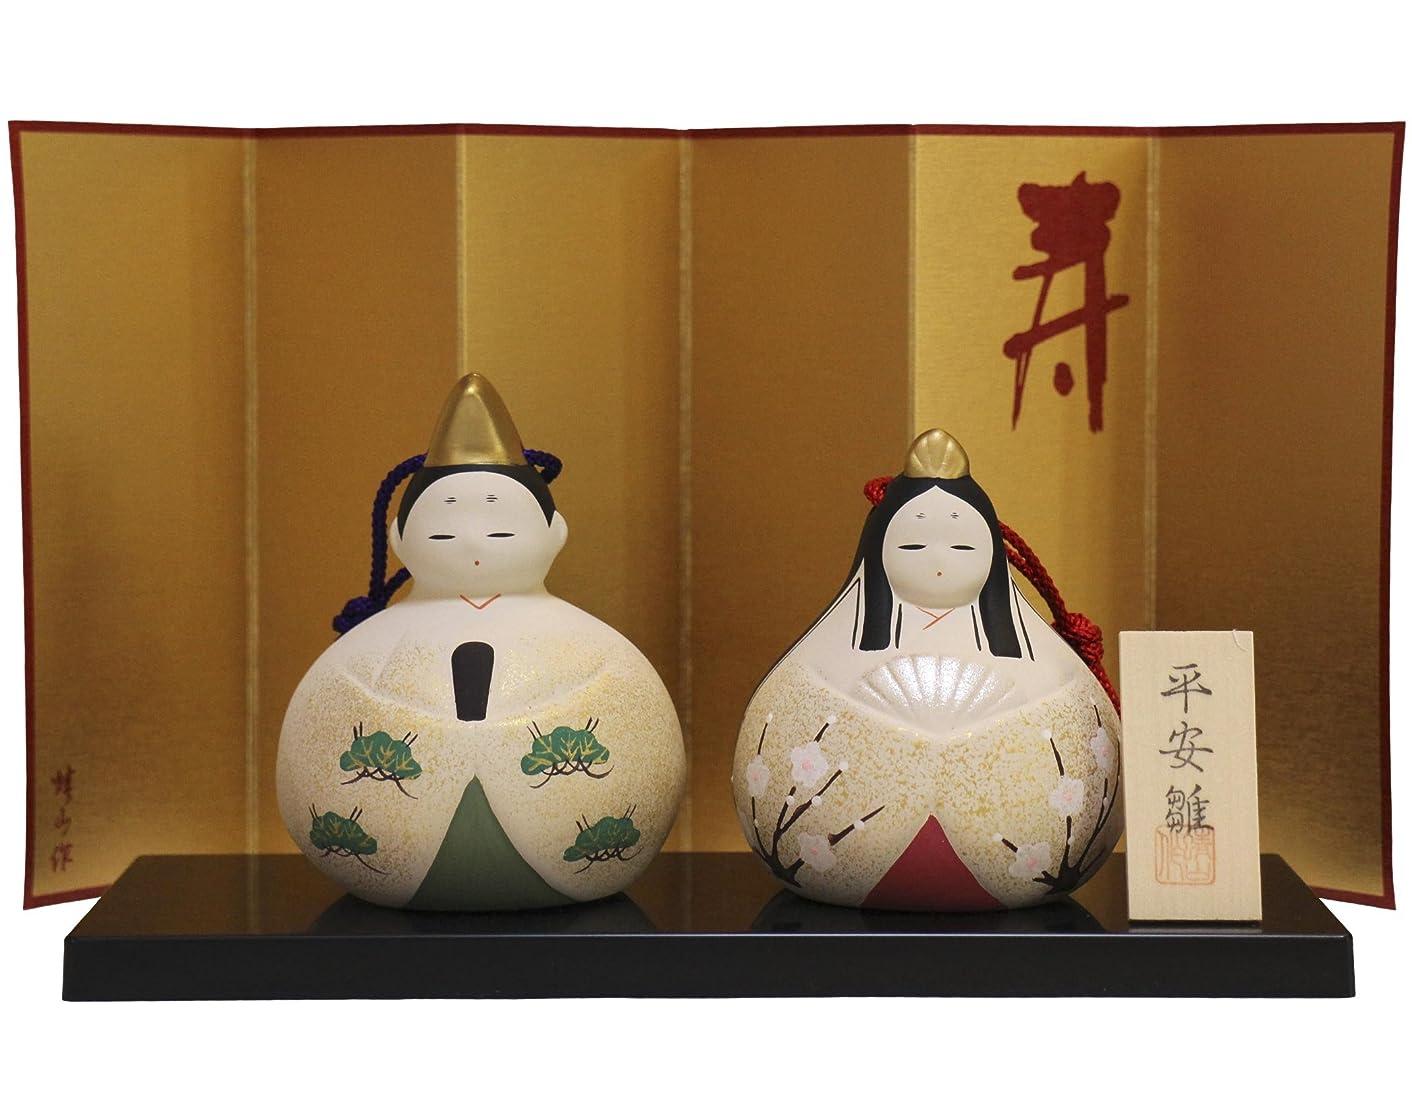 アーサーコナンドイル立方体デンプシー雛人形 リカちゃん 久月 ひな人形 収納飾り 三段飾り 五人飾り シリアル付 h313-ri-2766